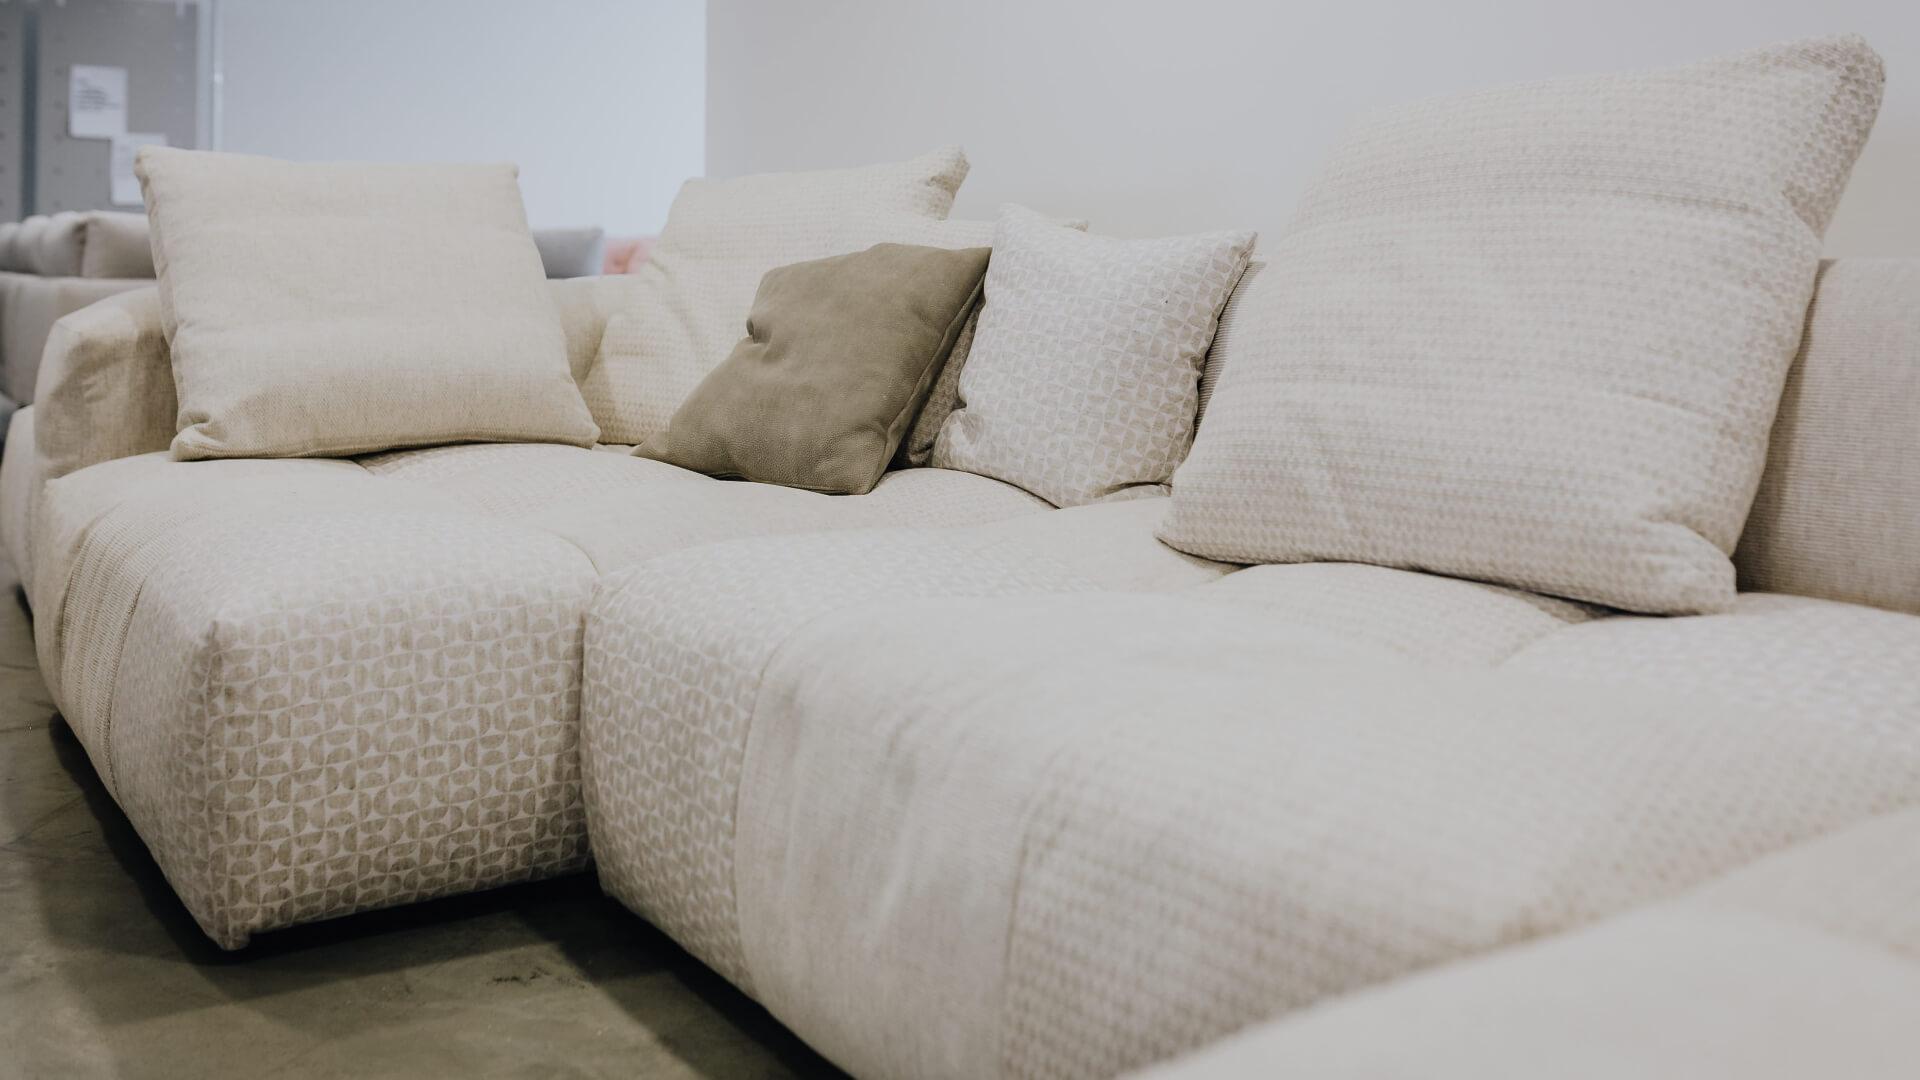 miglior-materasso-per-divano-letto